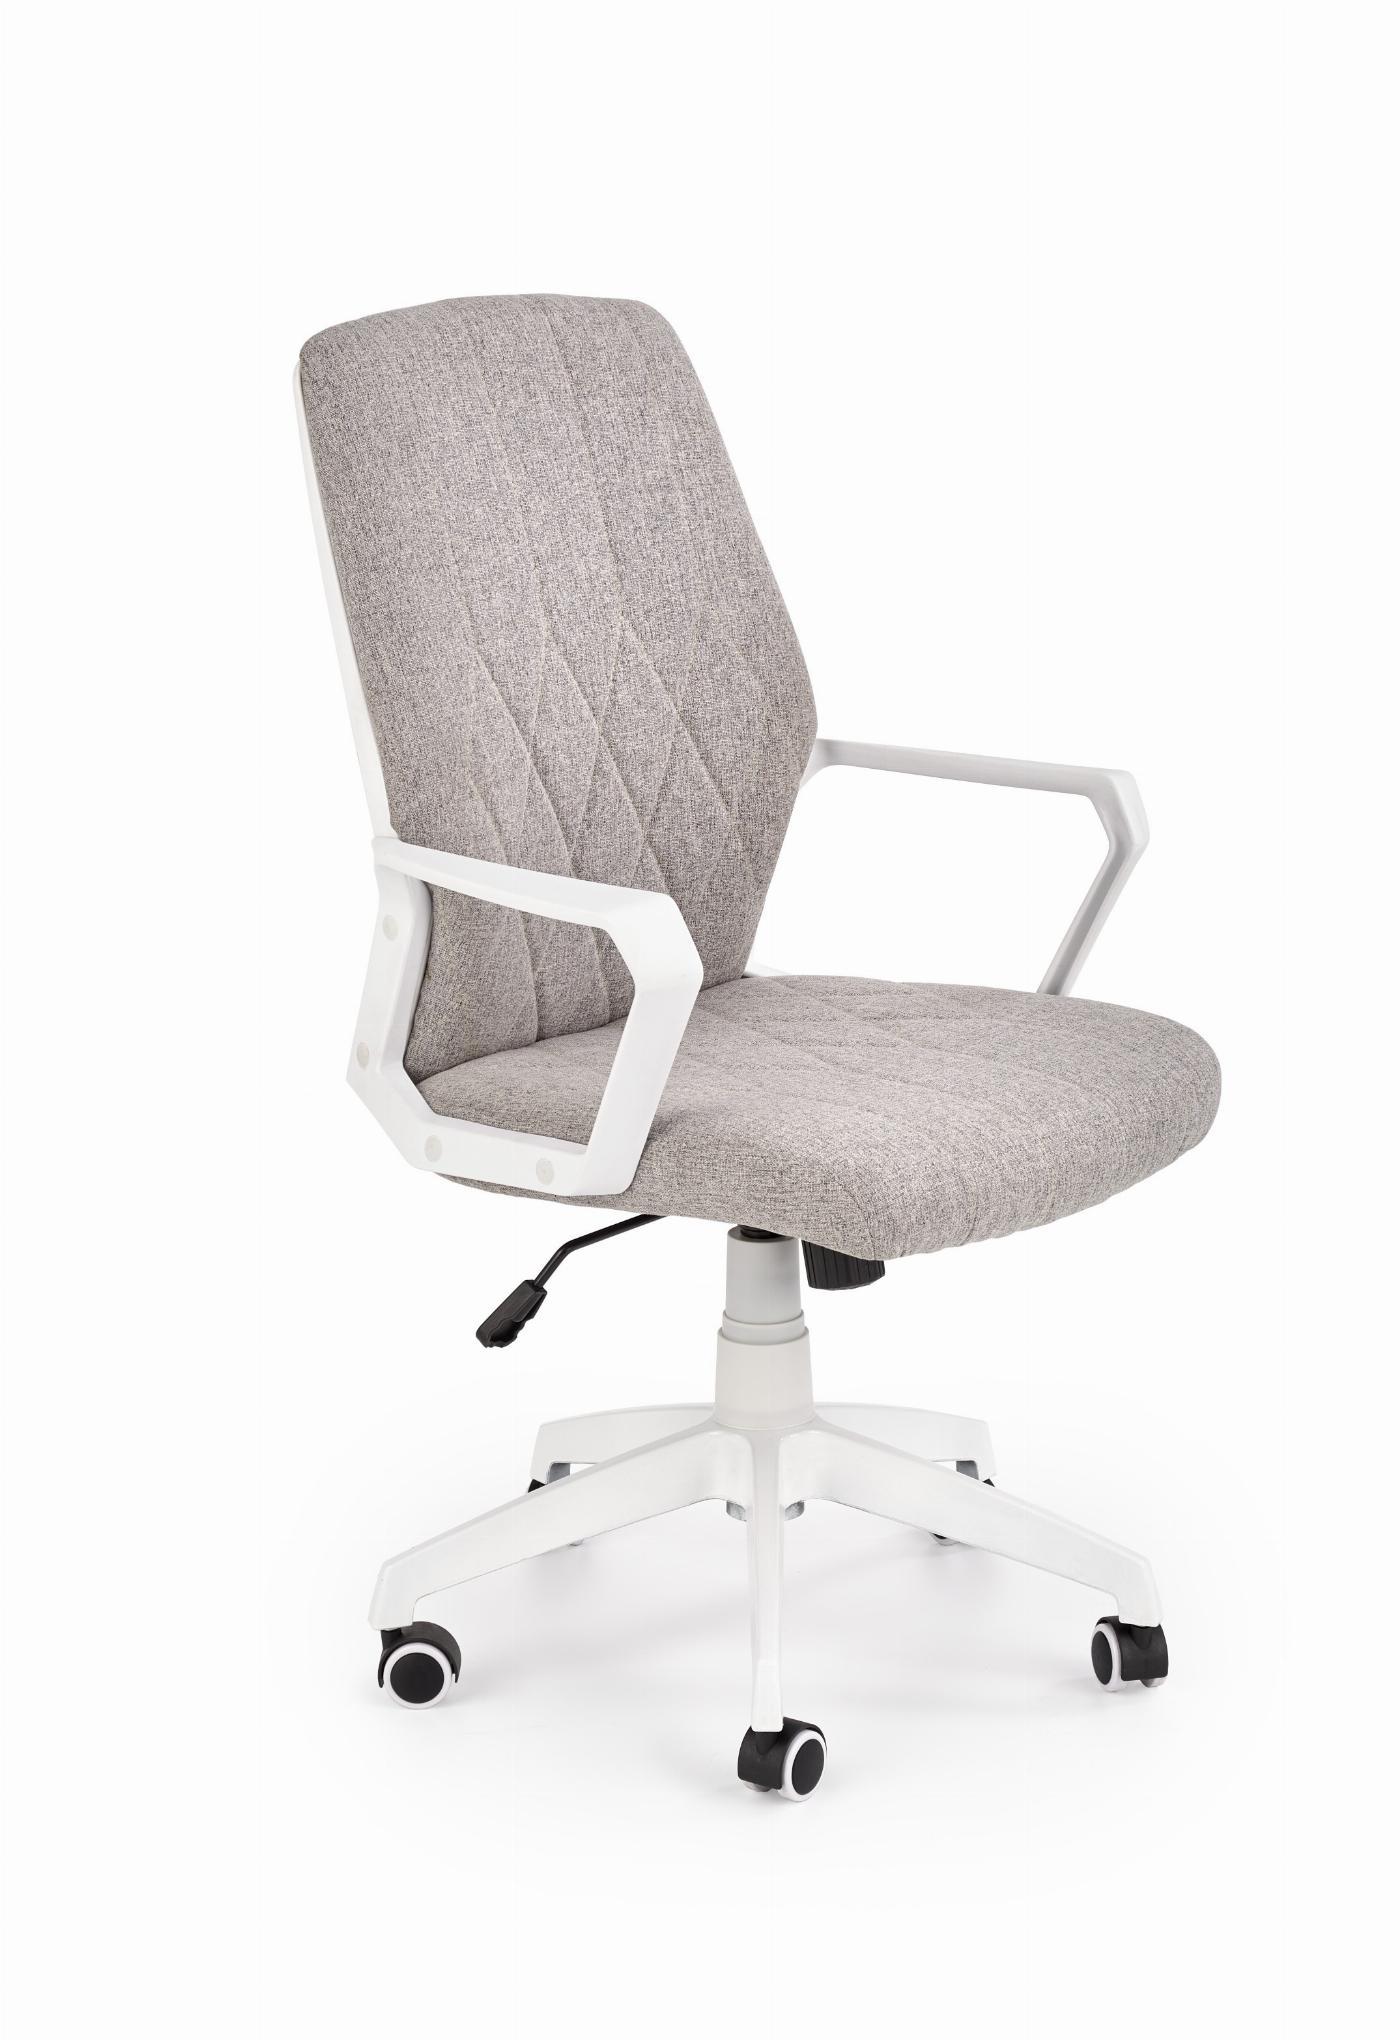 SPIN 2 fotel pracowniczny beżowy / biały